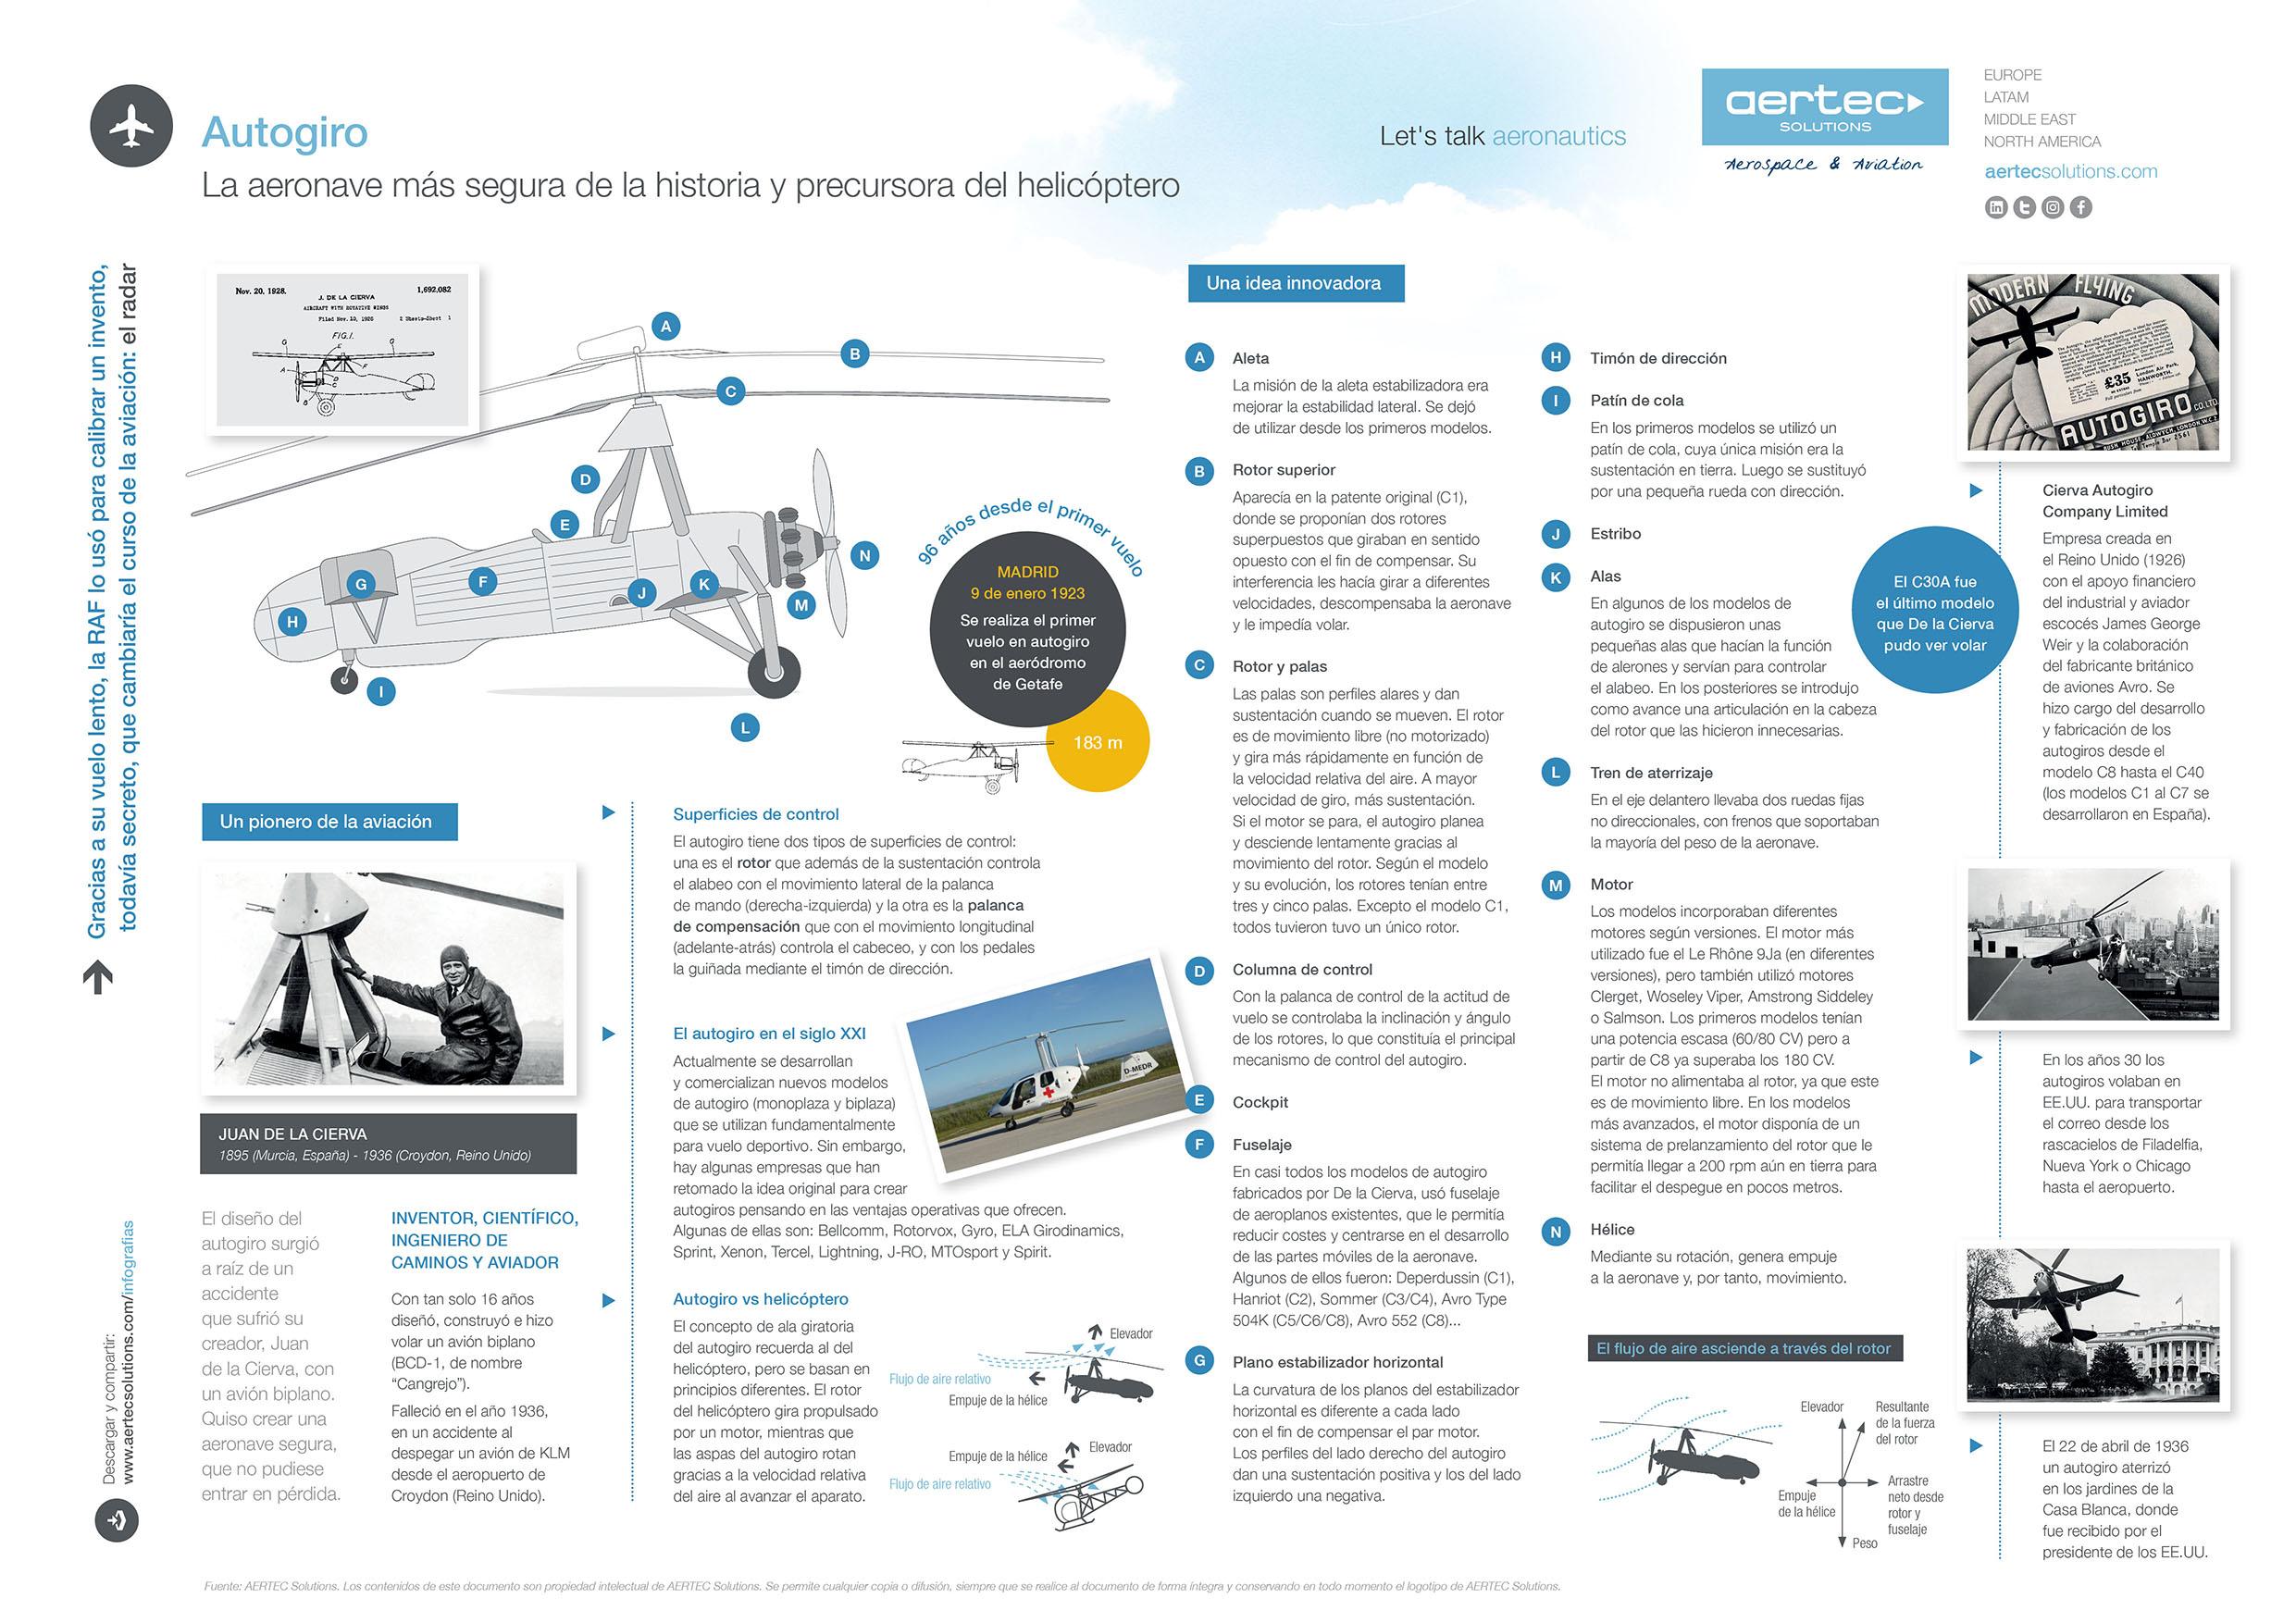 Infografía sobre el autogiro de Juan de la Cierva